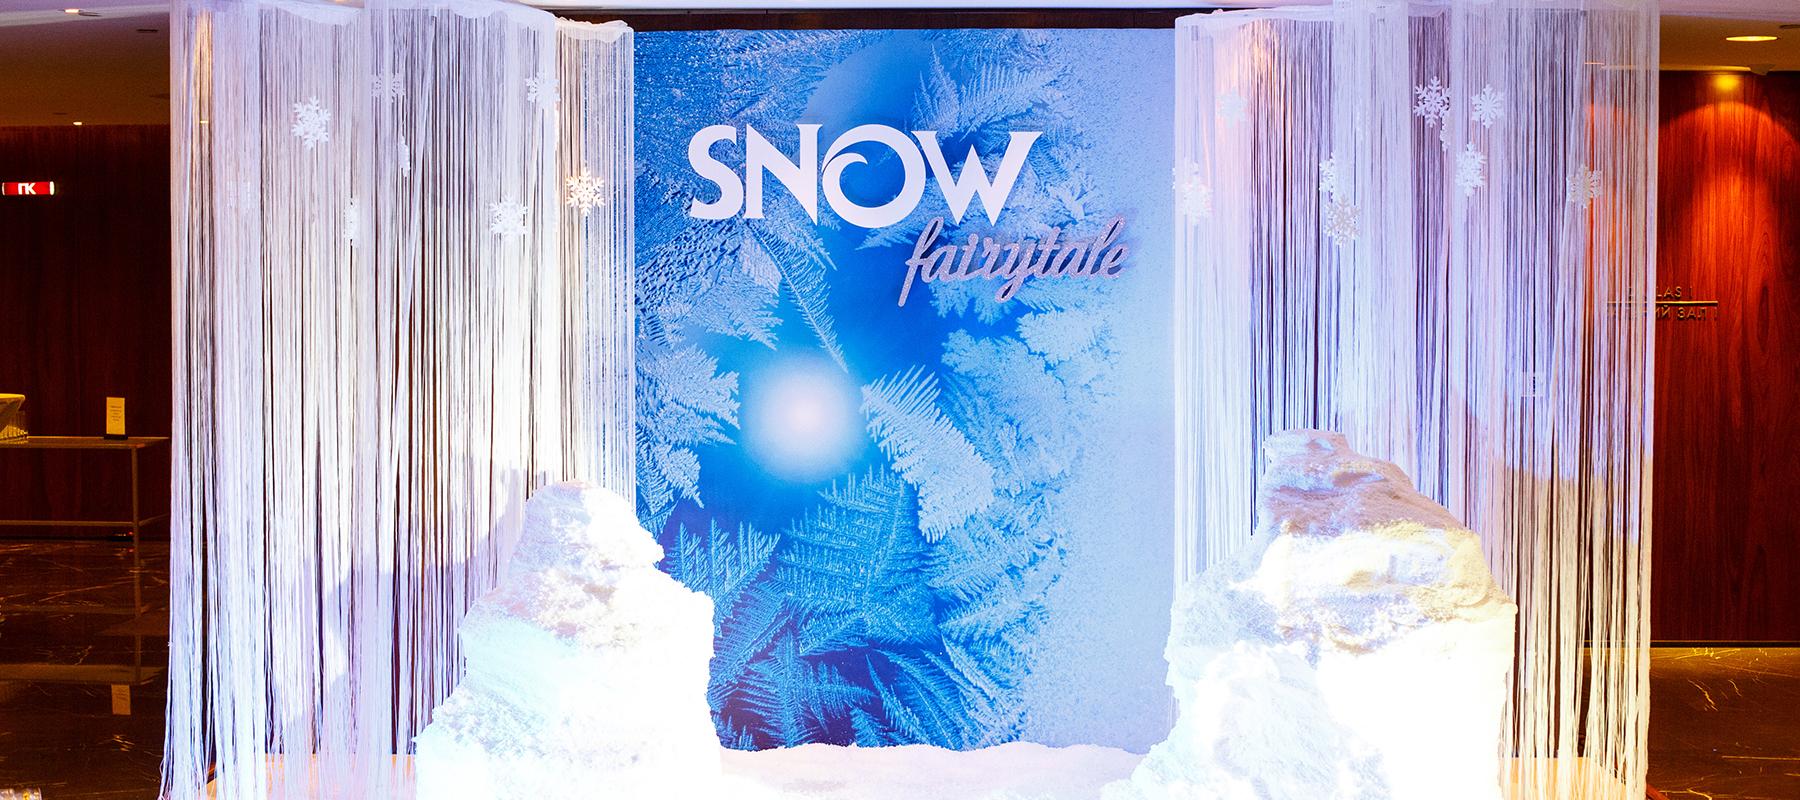 SNOW FAIRYTALE